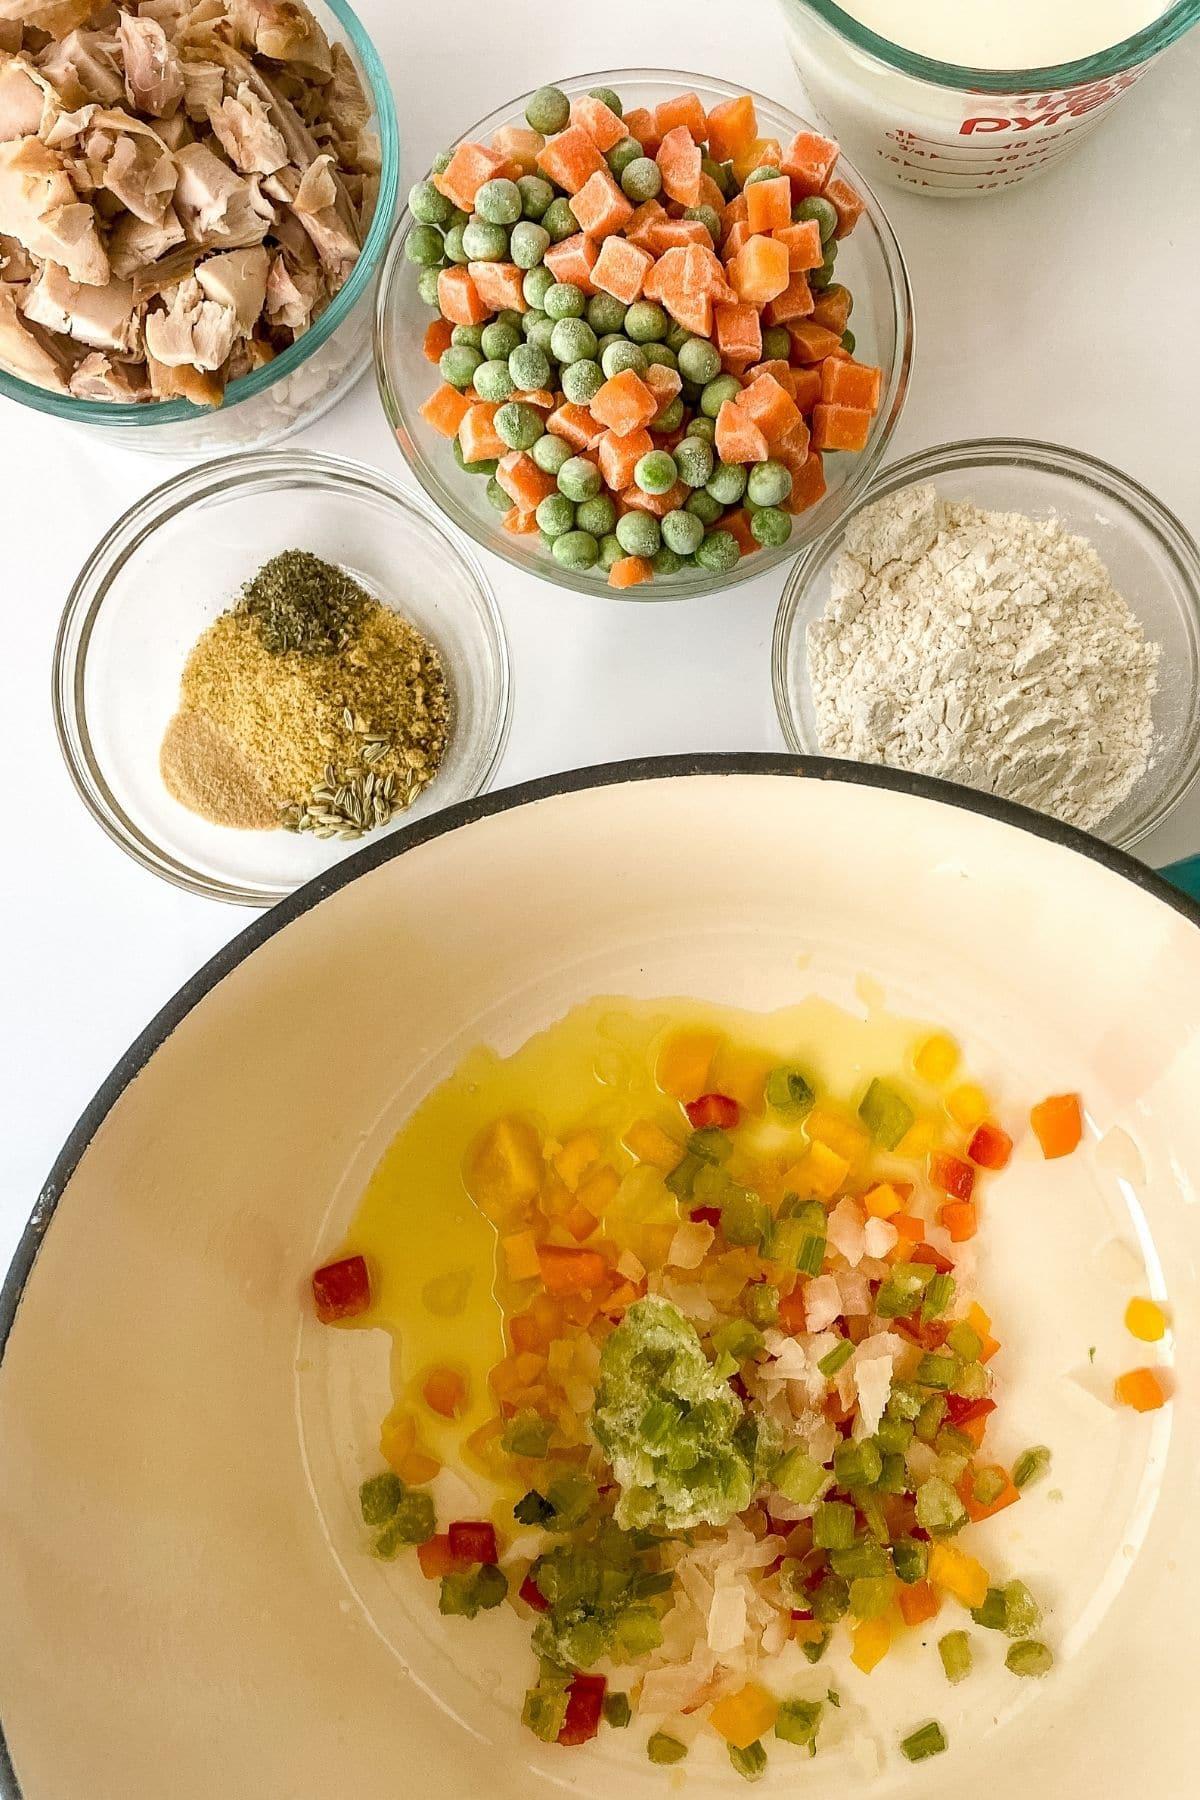 Ingredients for chicken pot pie